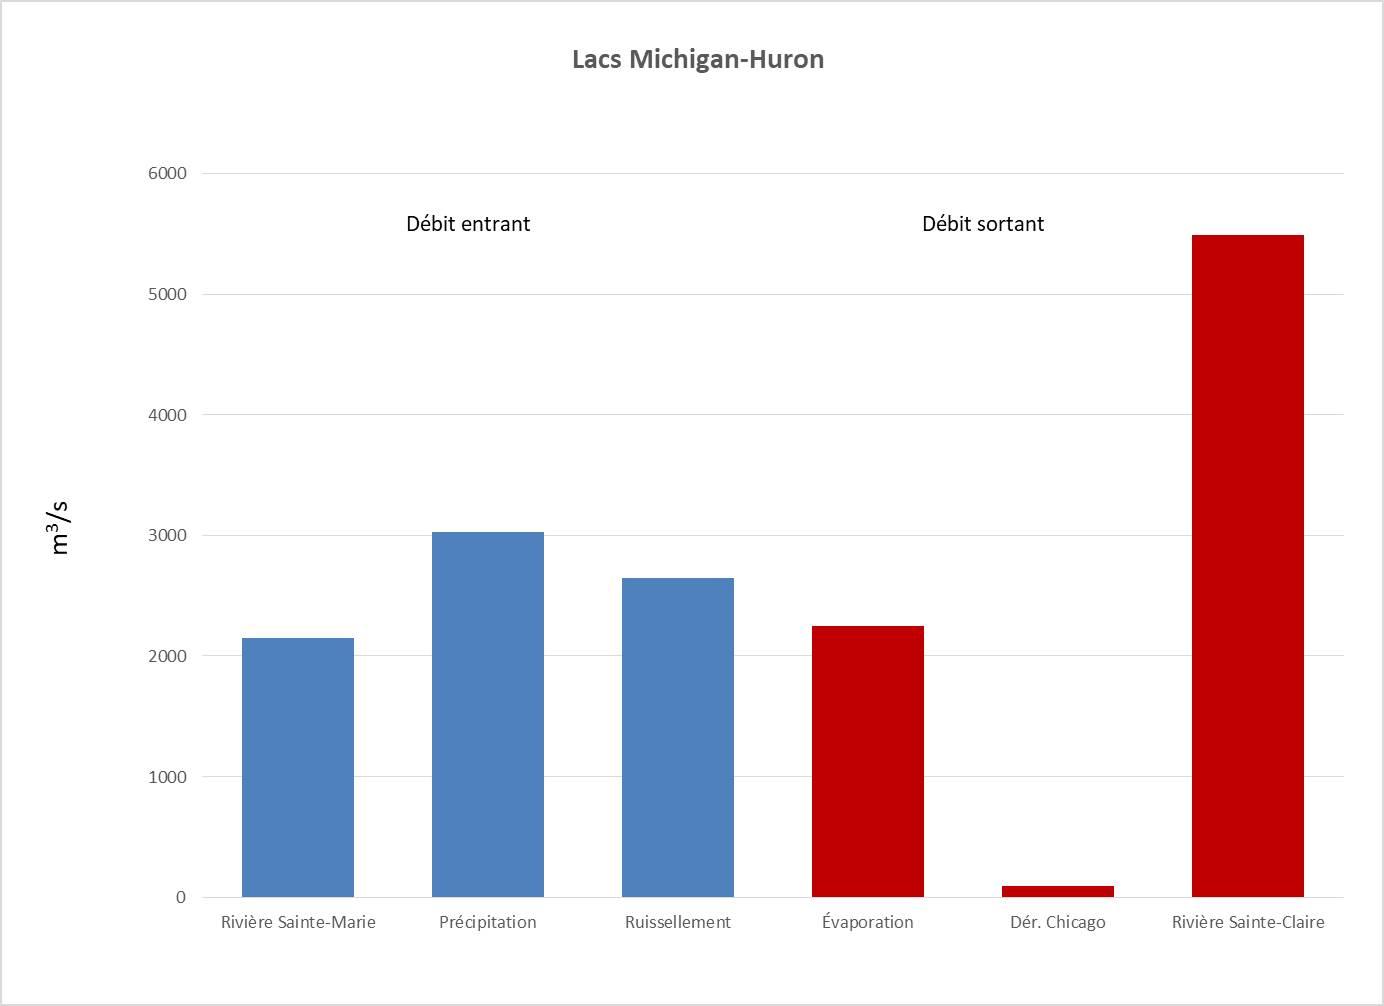 Graphique des débits entrants et sortants des lacs Michigan et Huron